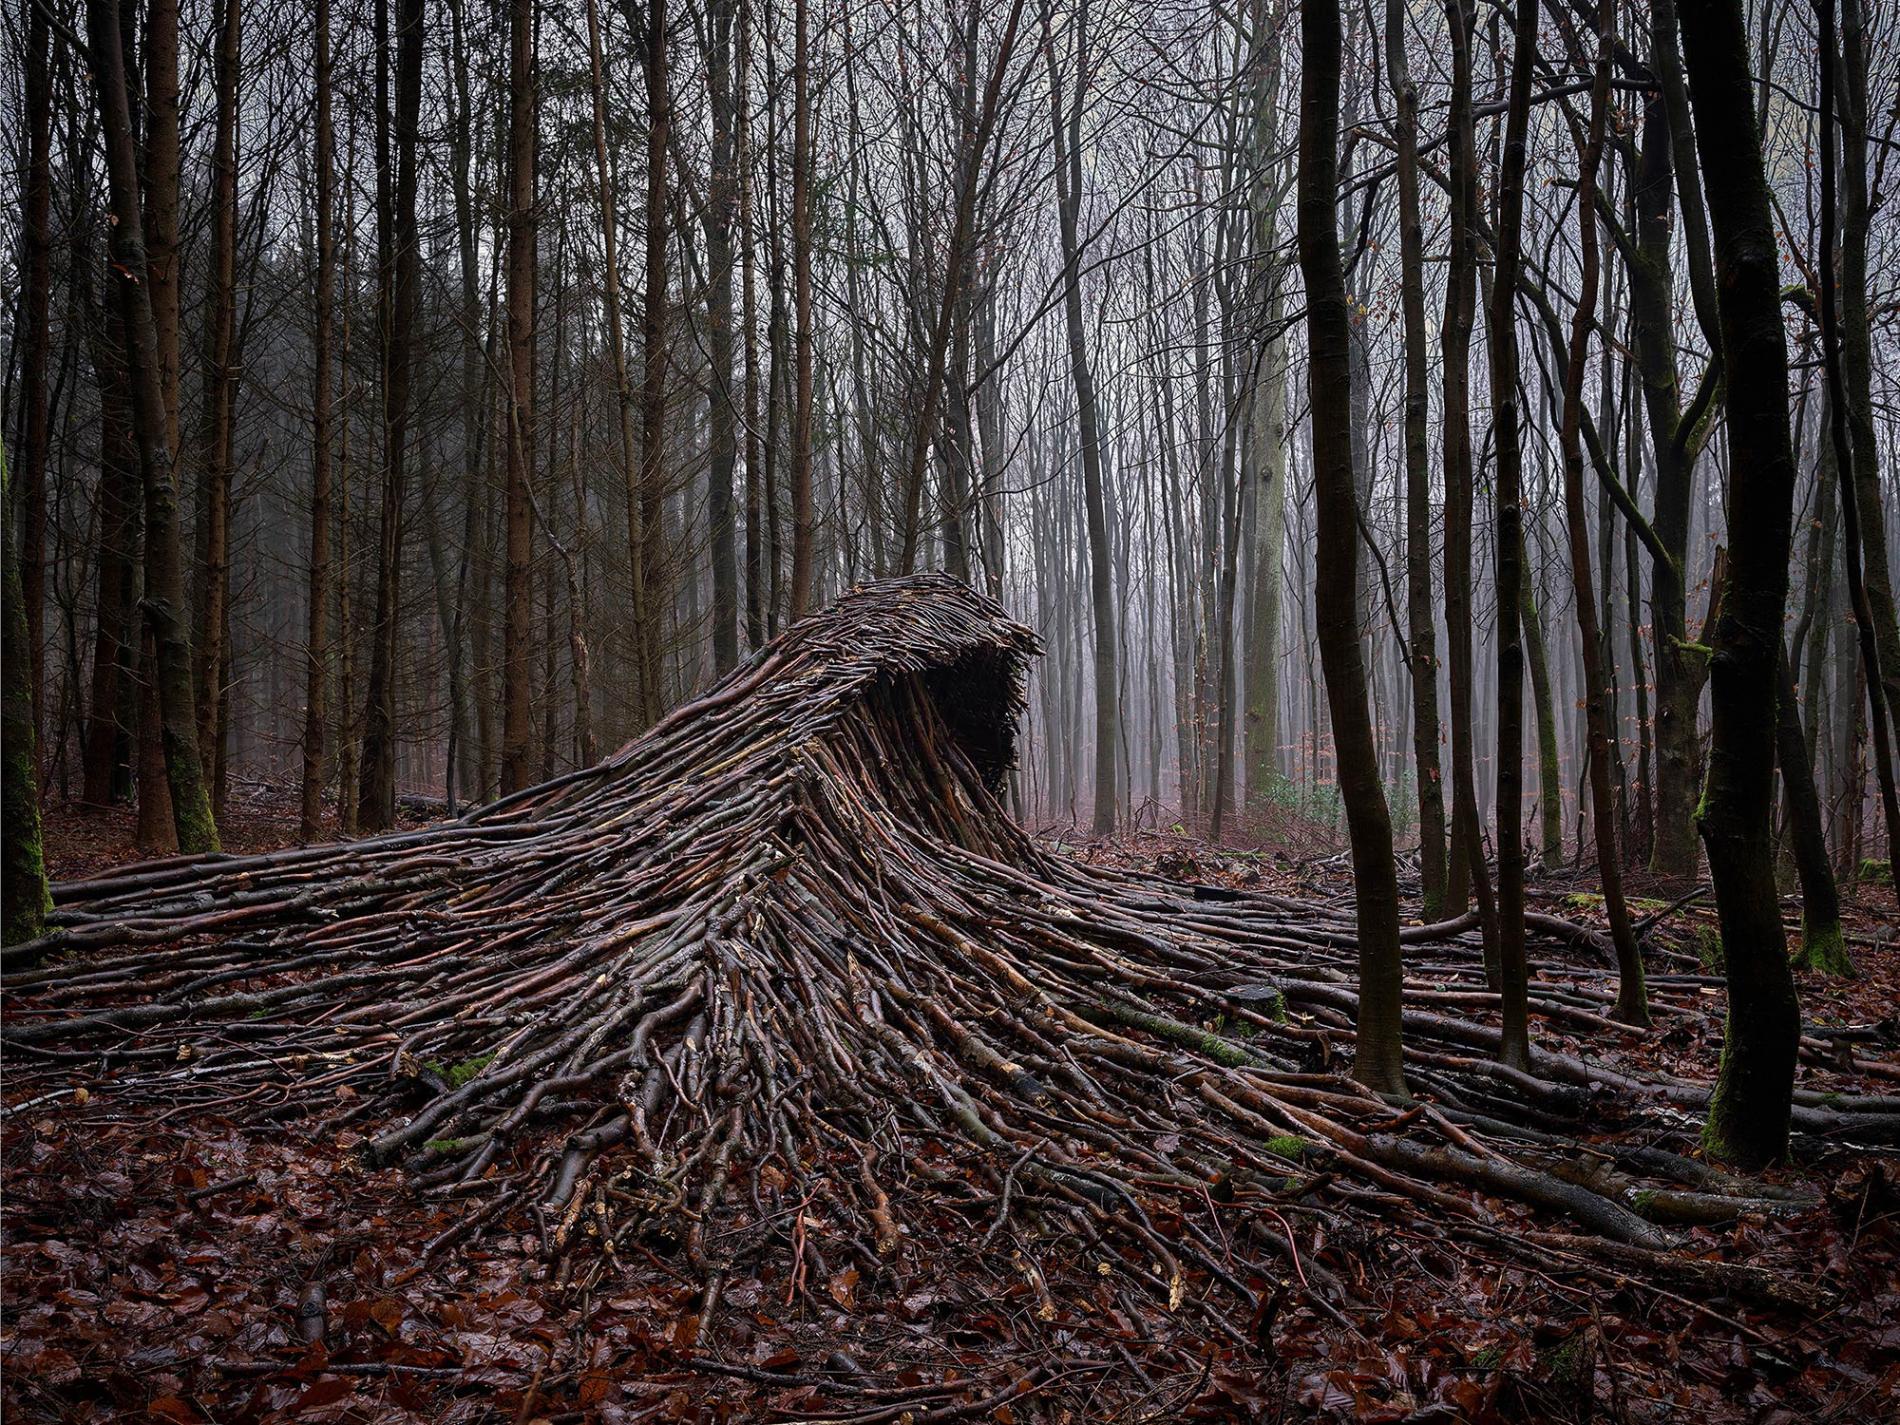 olas de madera fotografia Jörg Gläscher mitad